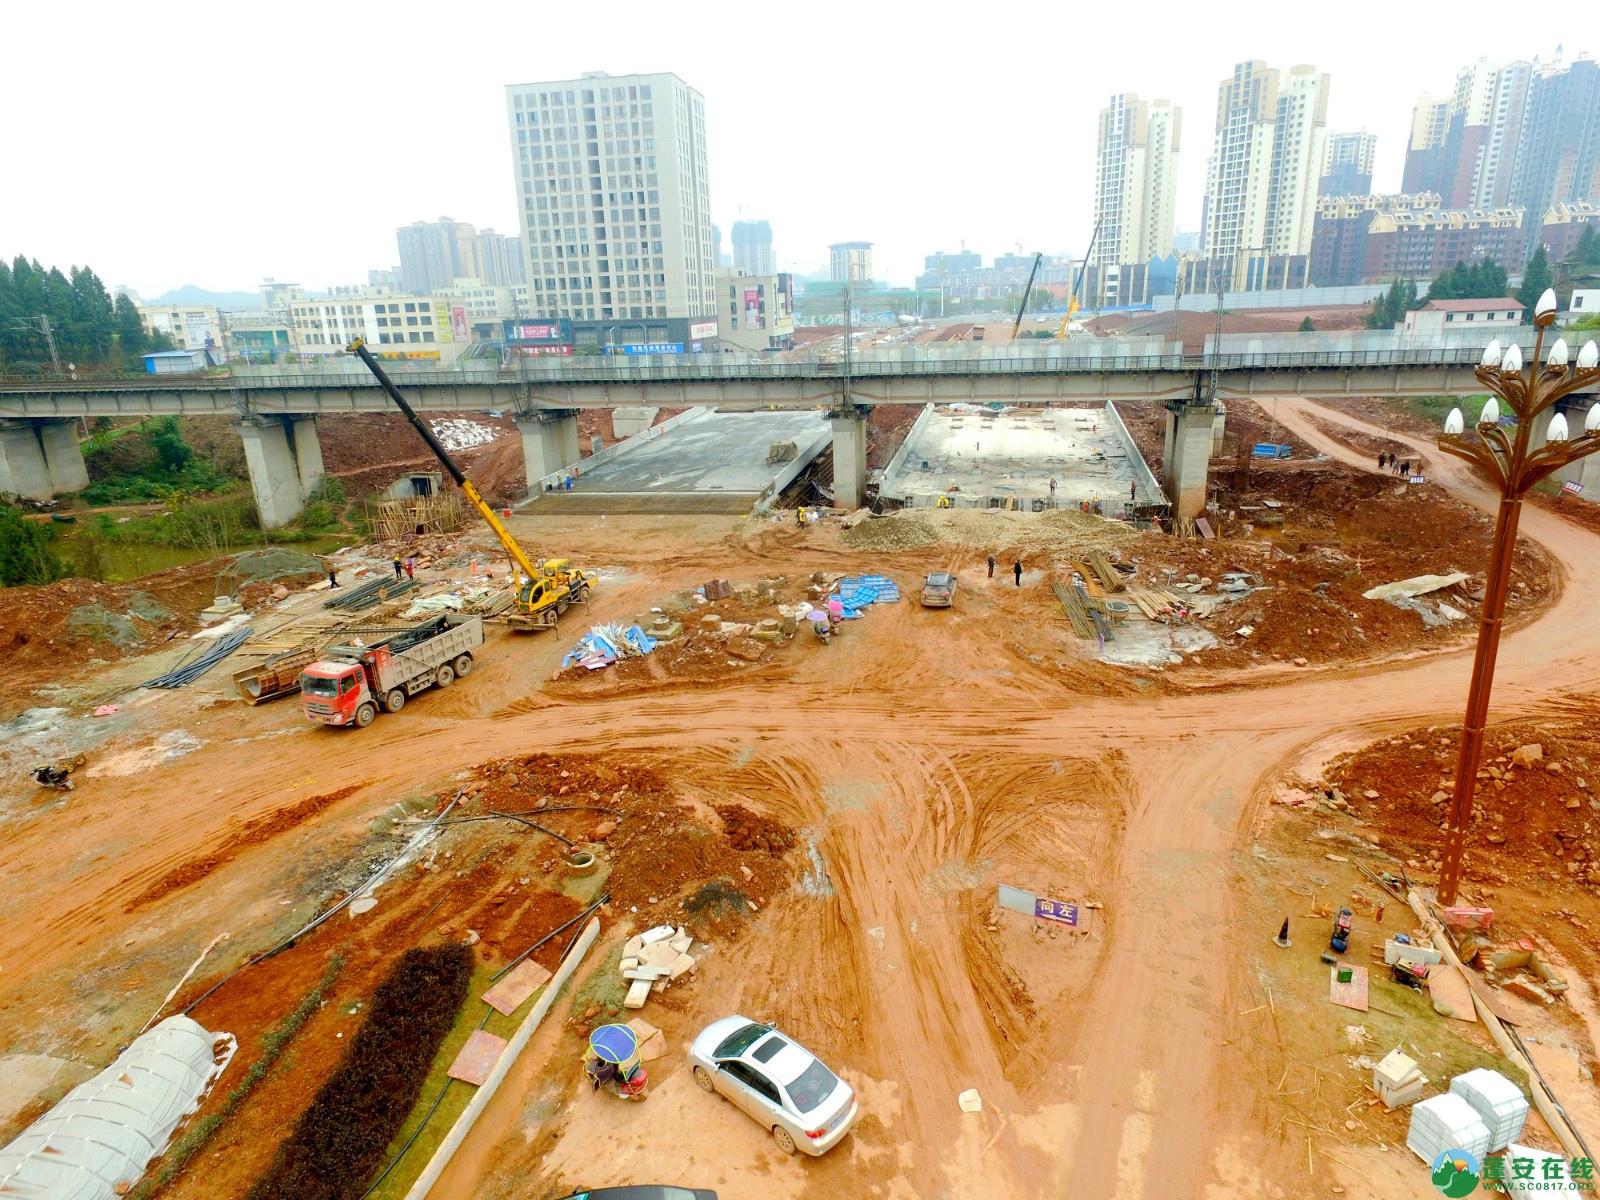 蓬安县凤凰大桥西延线、燕山大道、锦屏干一道、抚琴大道交通要道最新进展!(2019.12.24) - 第22张  | 蓬安在线